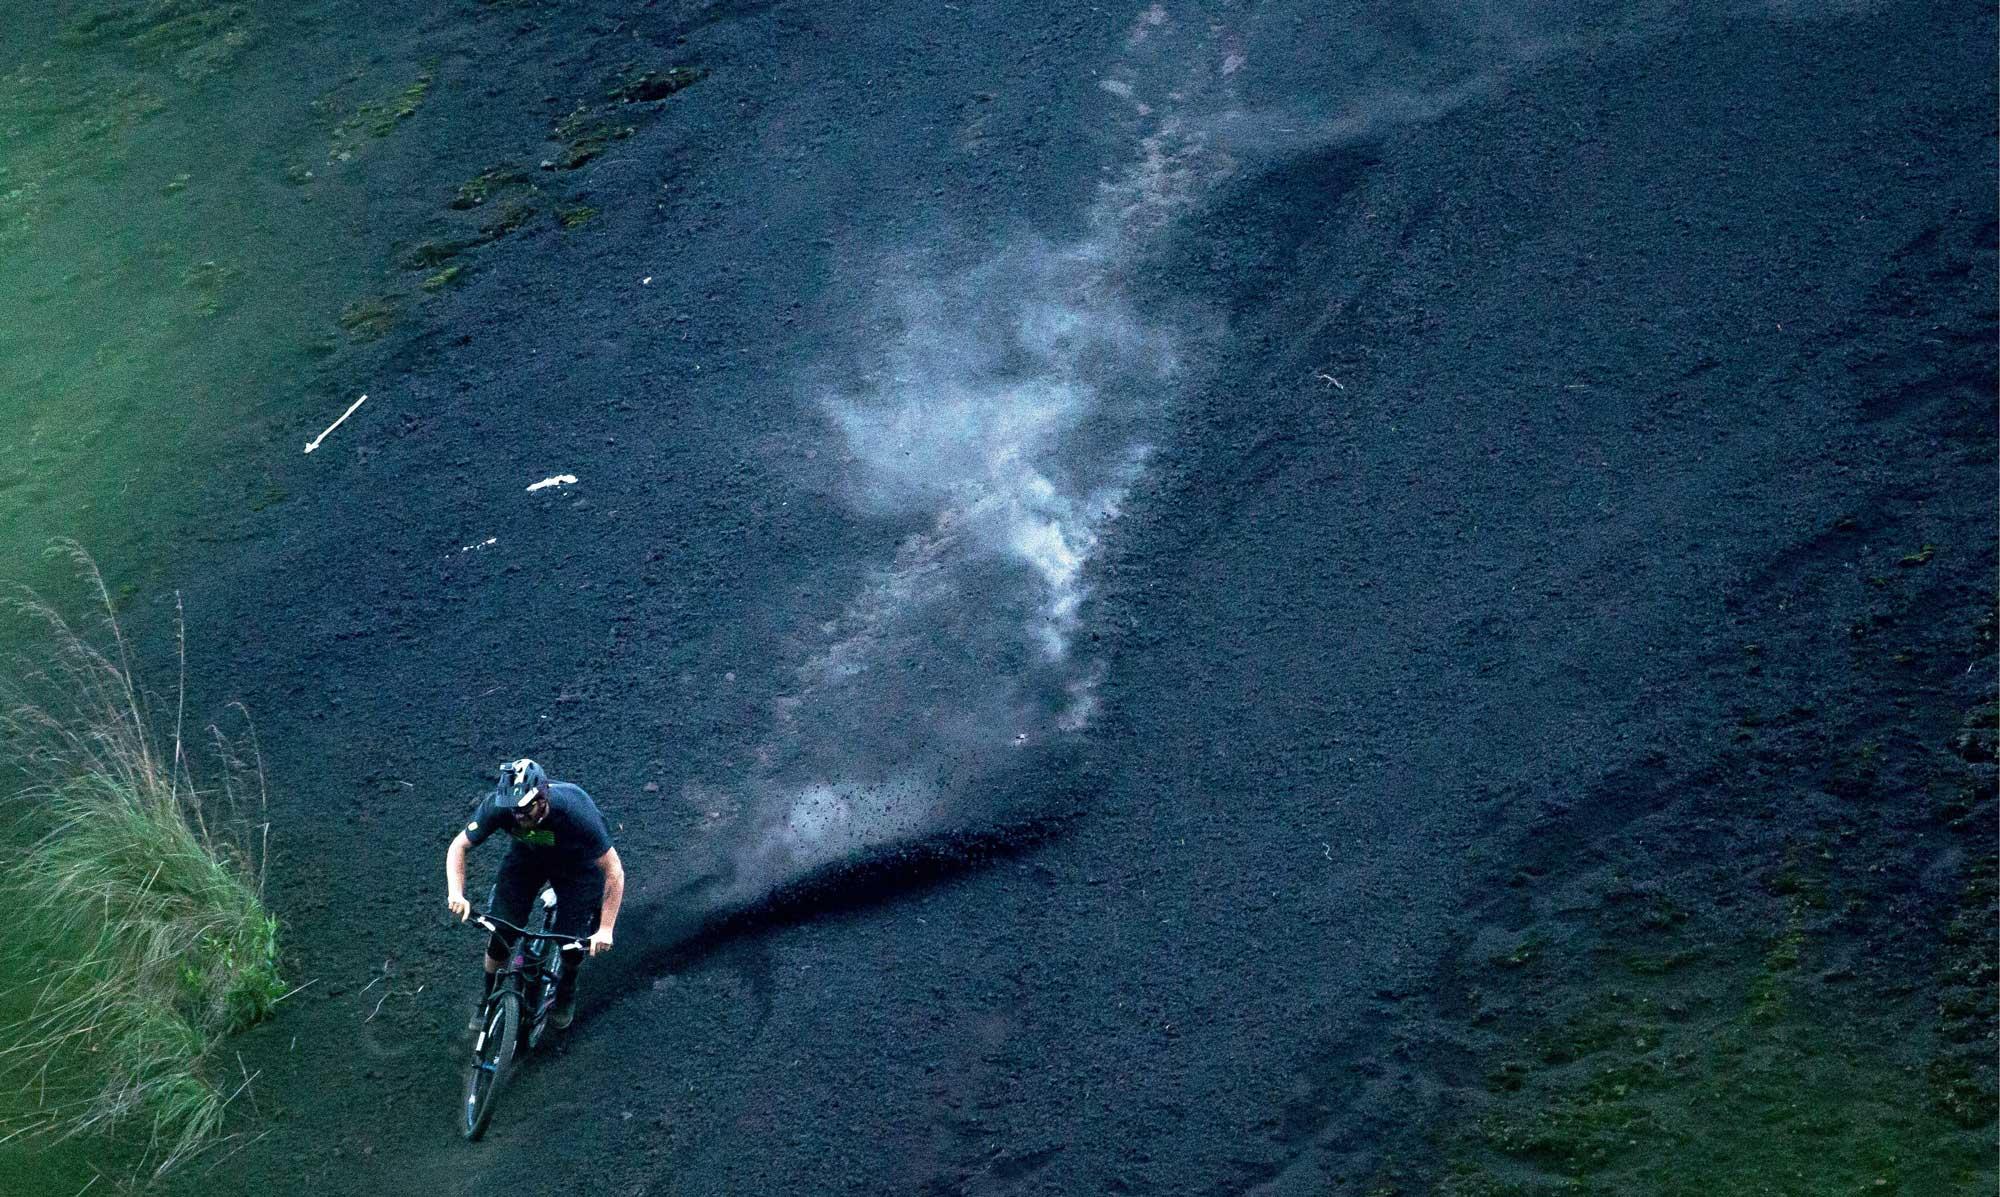 Tiefschwarzer Boden, lose und knöcheltief. Balis Vulkan hat etwas andere Bodenverhältnisse als die Trails zu Hause.